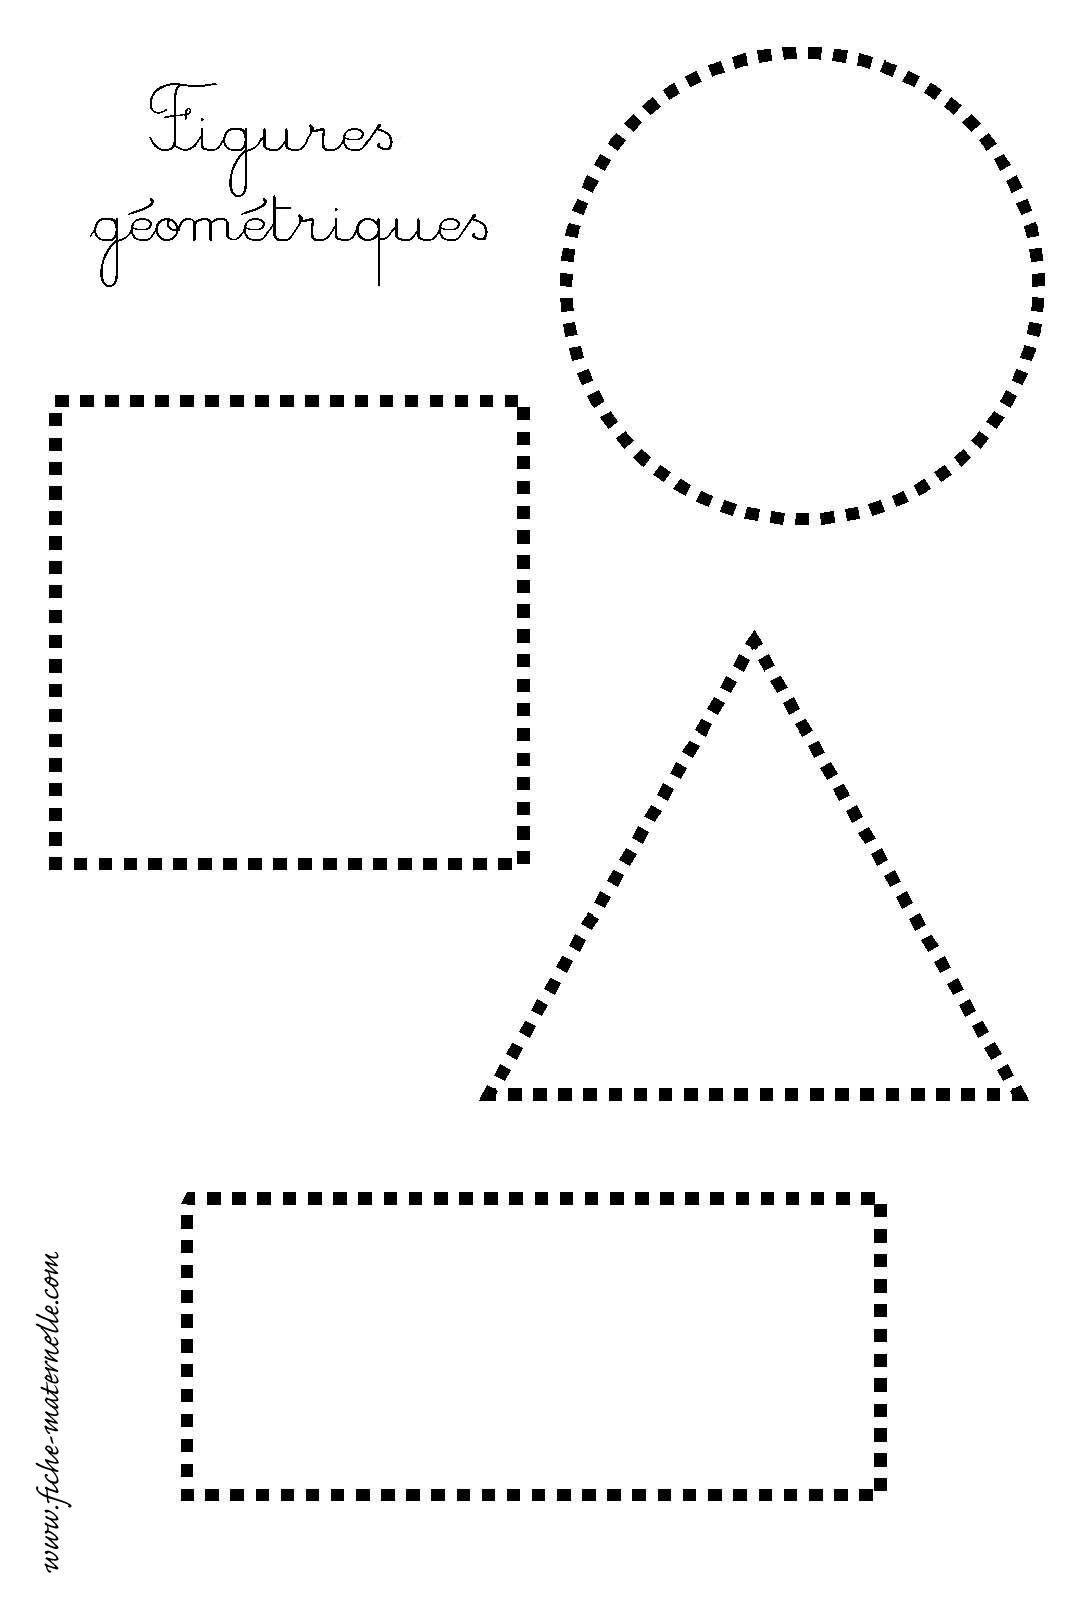 Les Figures Géométriques : Repasser Les Pointillés | Fiches tout Exercice Maternelle Petite Section Gratuit En Ligne